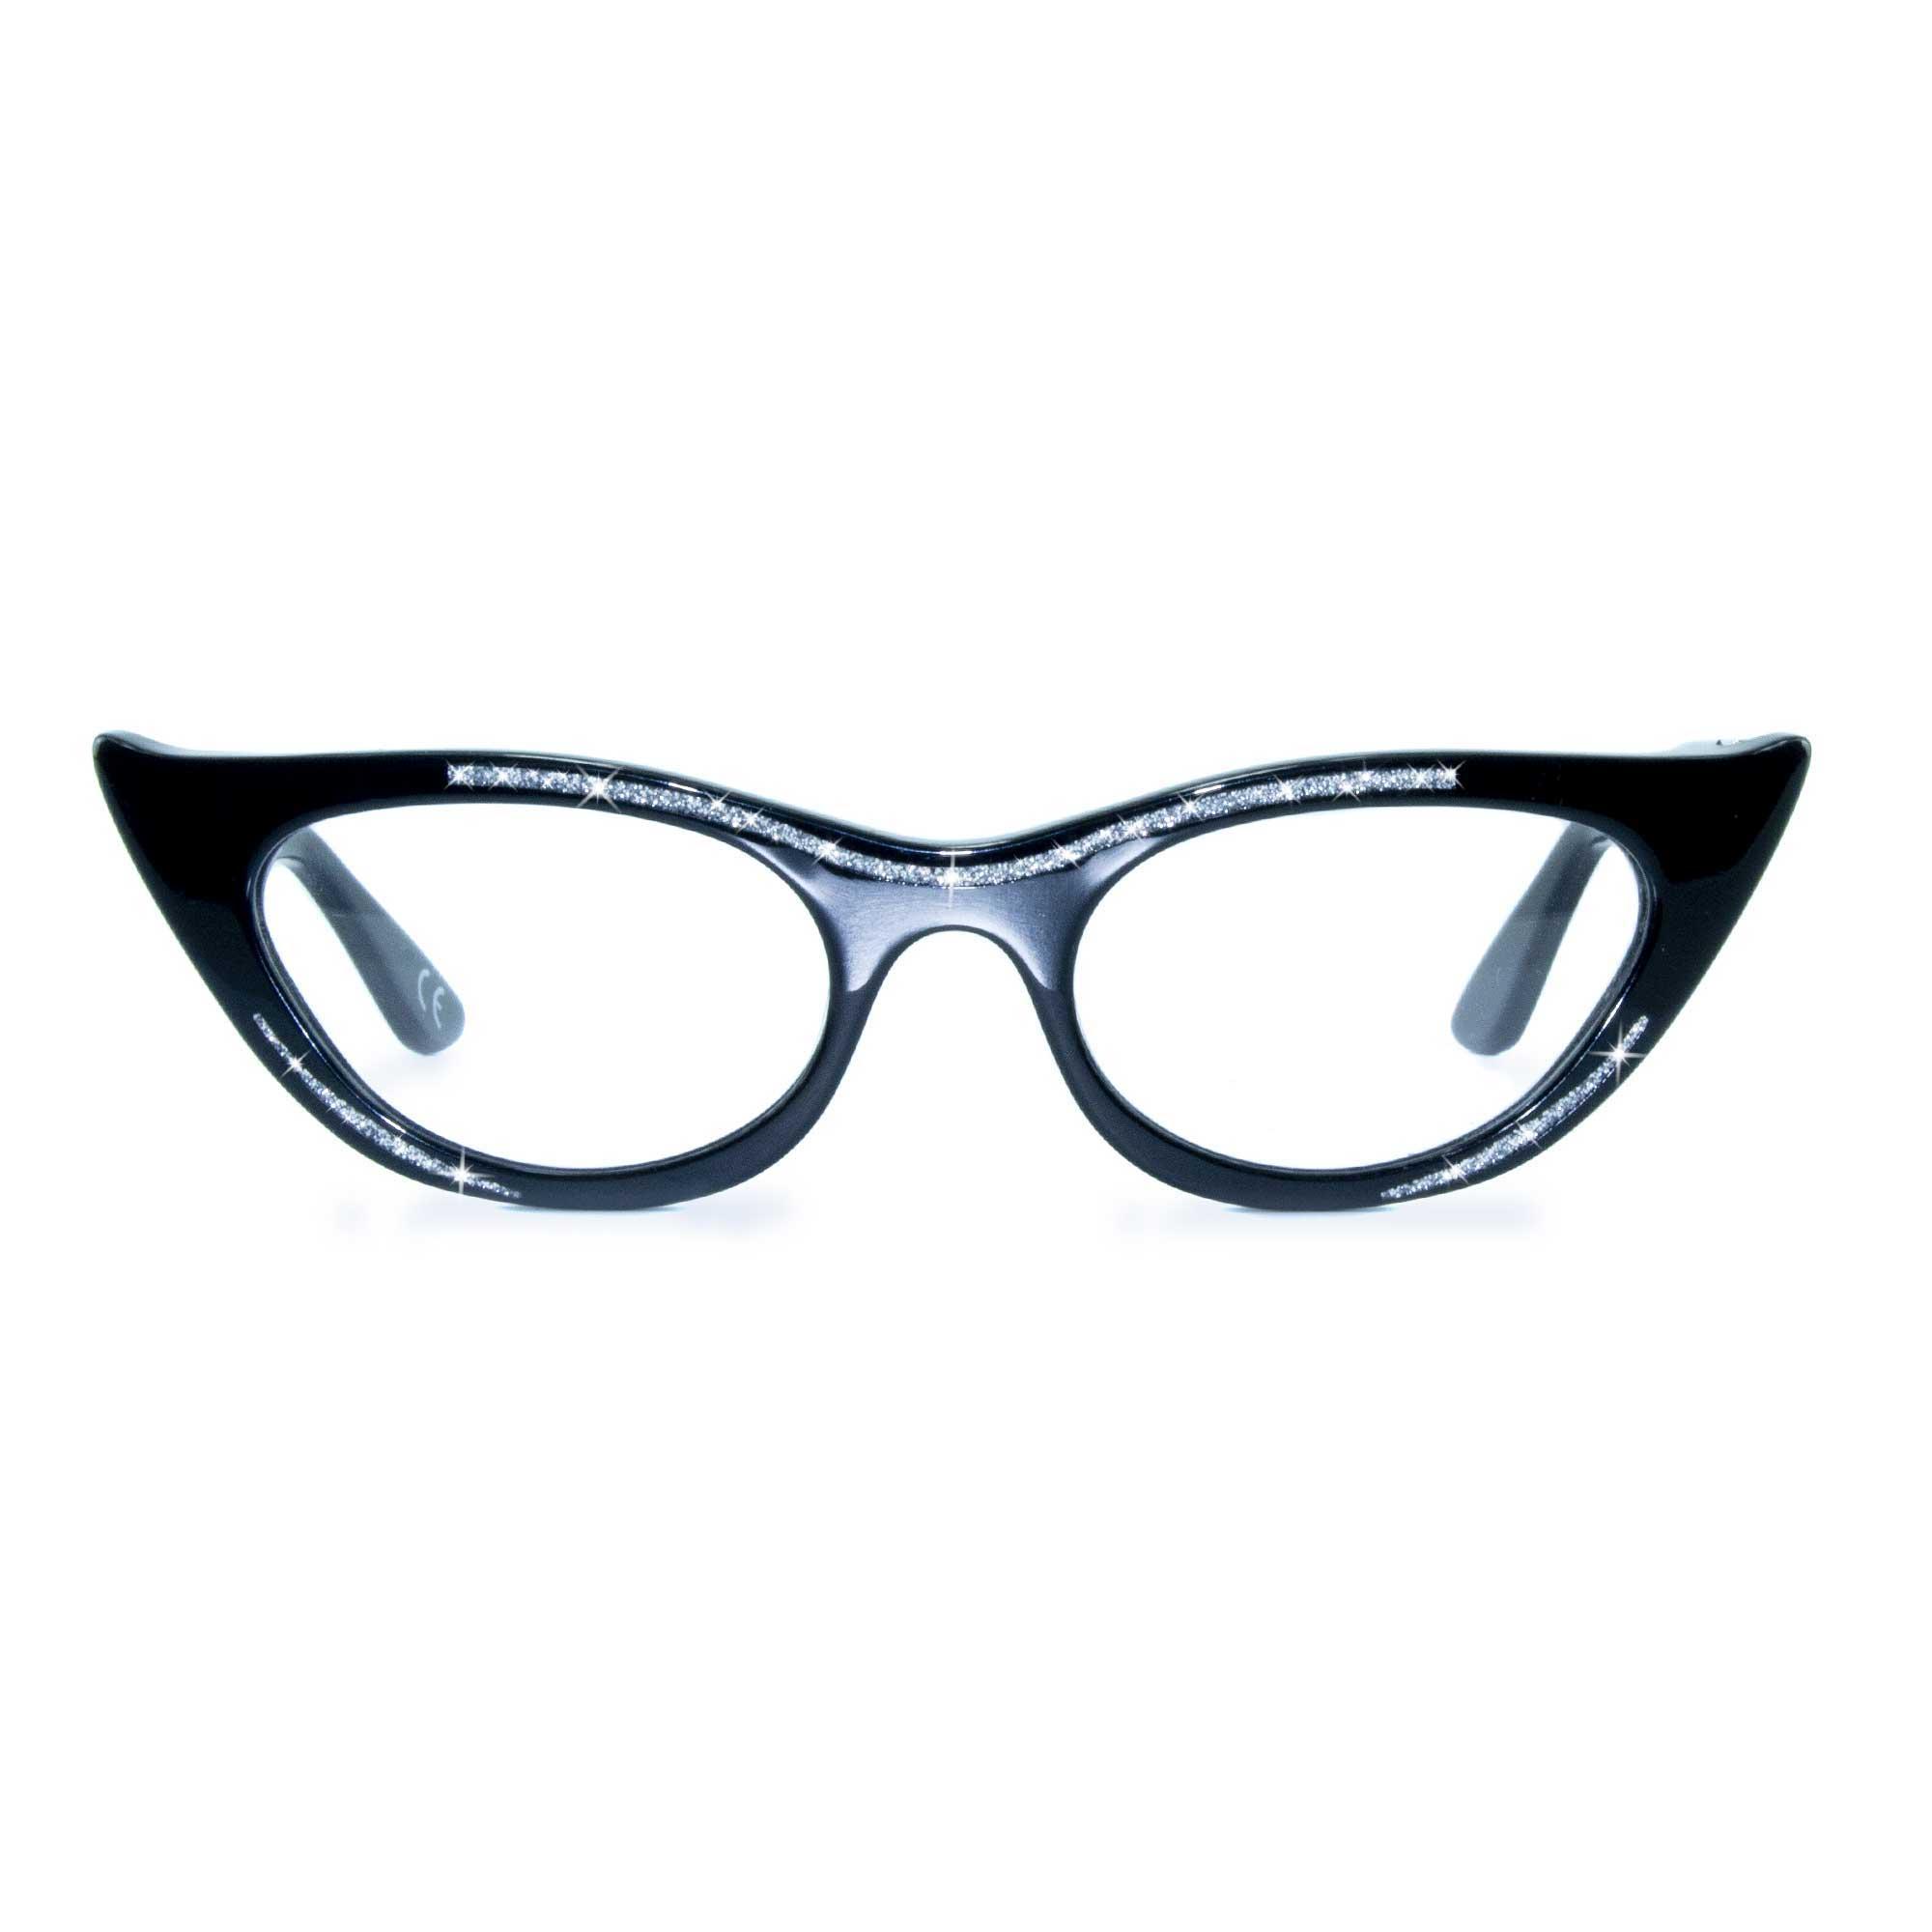 Joiuss lana black cat eye glasses